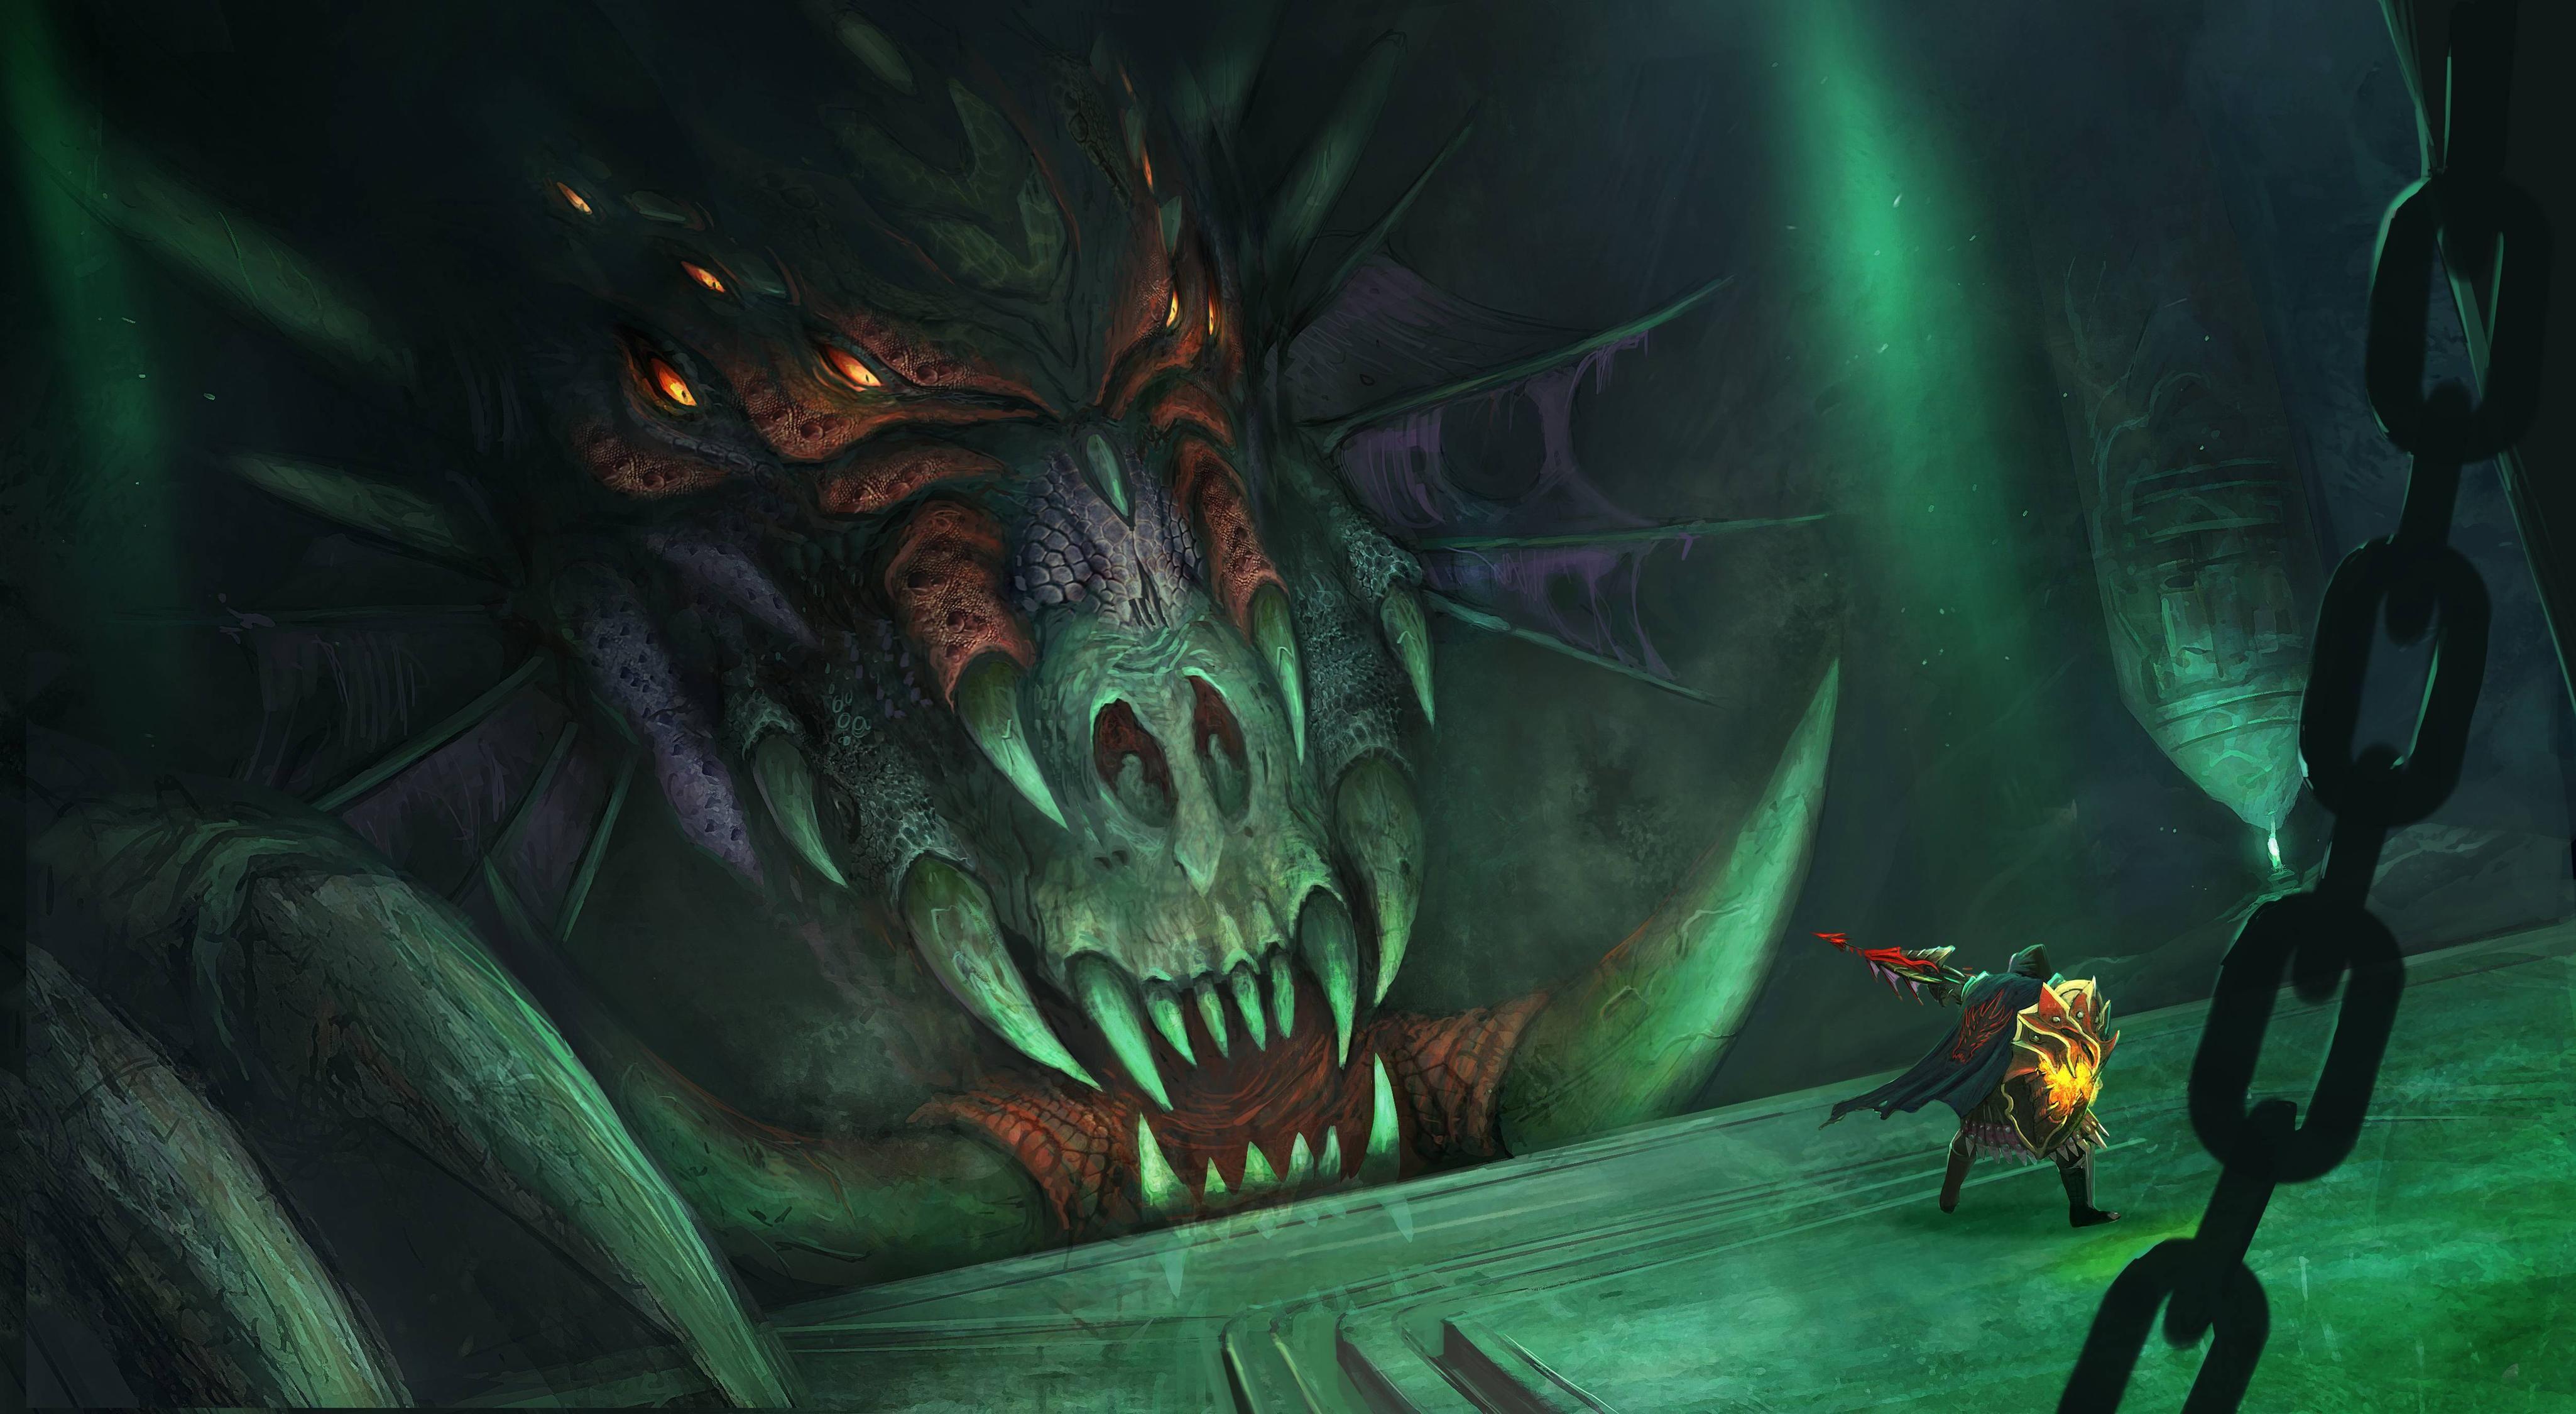 Queen Black Dragon From The Mmorpg Runescape Runescape Pinterest